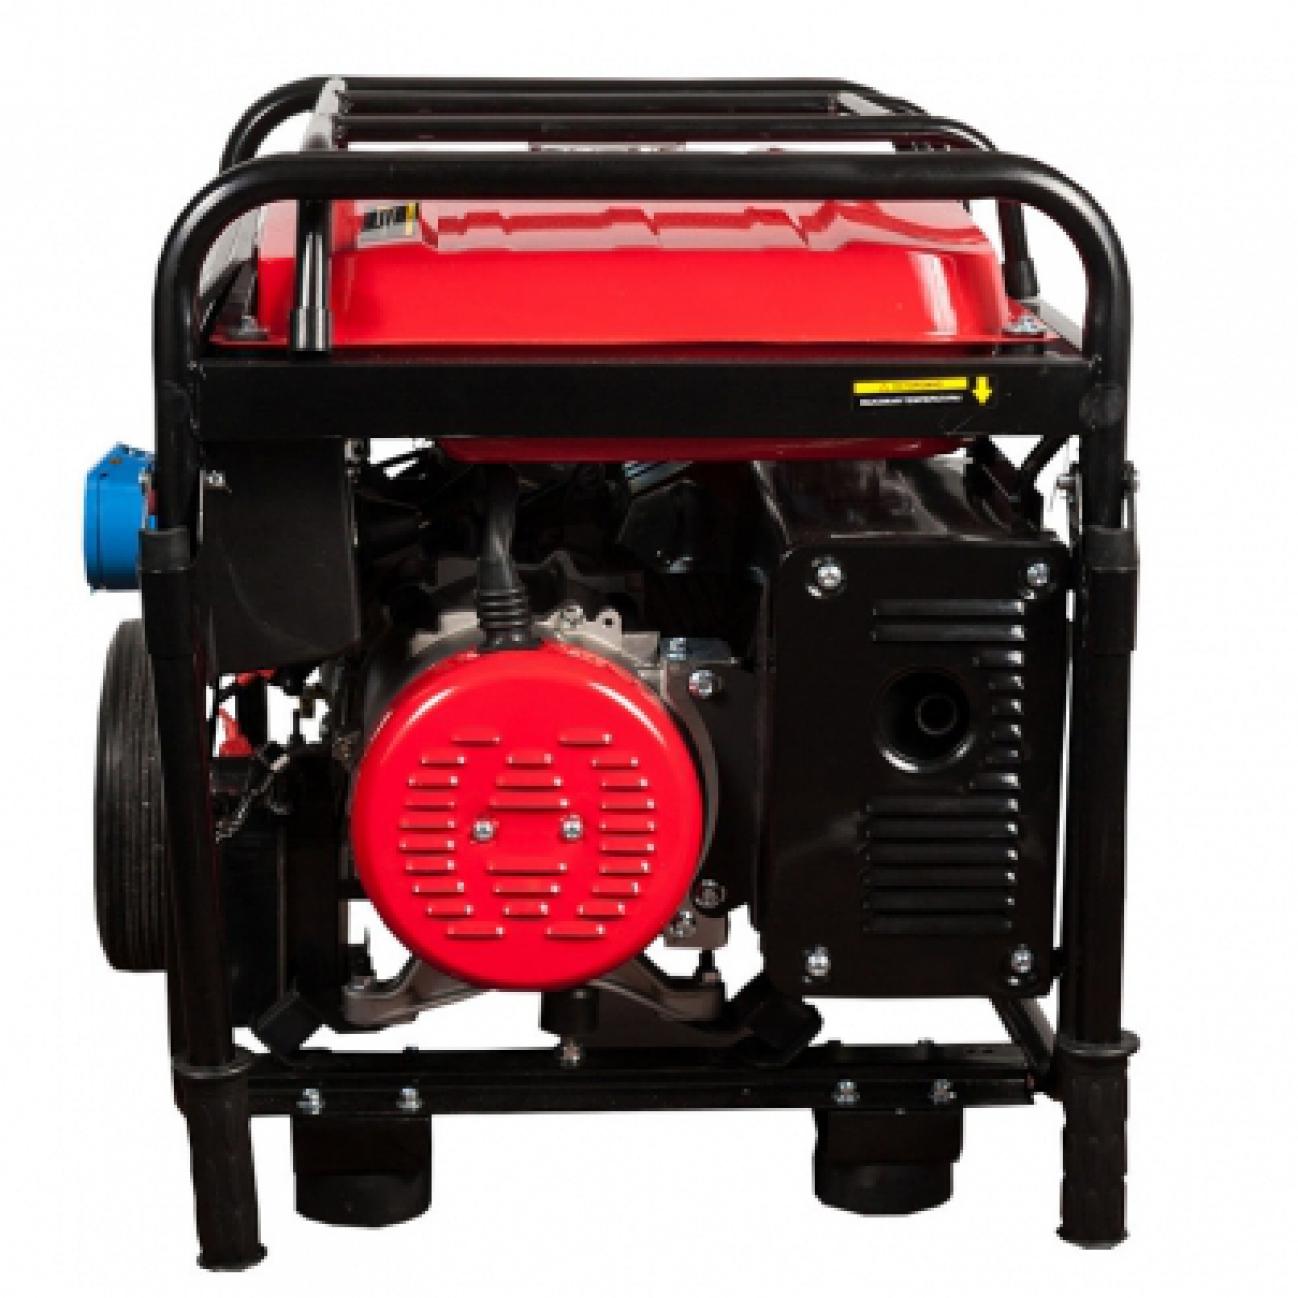 Электрогенератор DDE DPG6501ЕЭлектрогенераторы<br><br><br>Объем двигателя: 420 куб.см<br>Мощность двигателя: 14 л.с.<br>Расход топлива: 3.1 л/ч<br>Объем бака: 25 л<br>Тип генератора: синхронный<br>Класс защиты генератора: IP23<br>Активная мощность, Вт: 6500